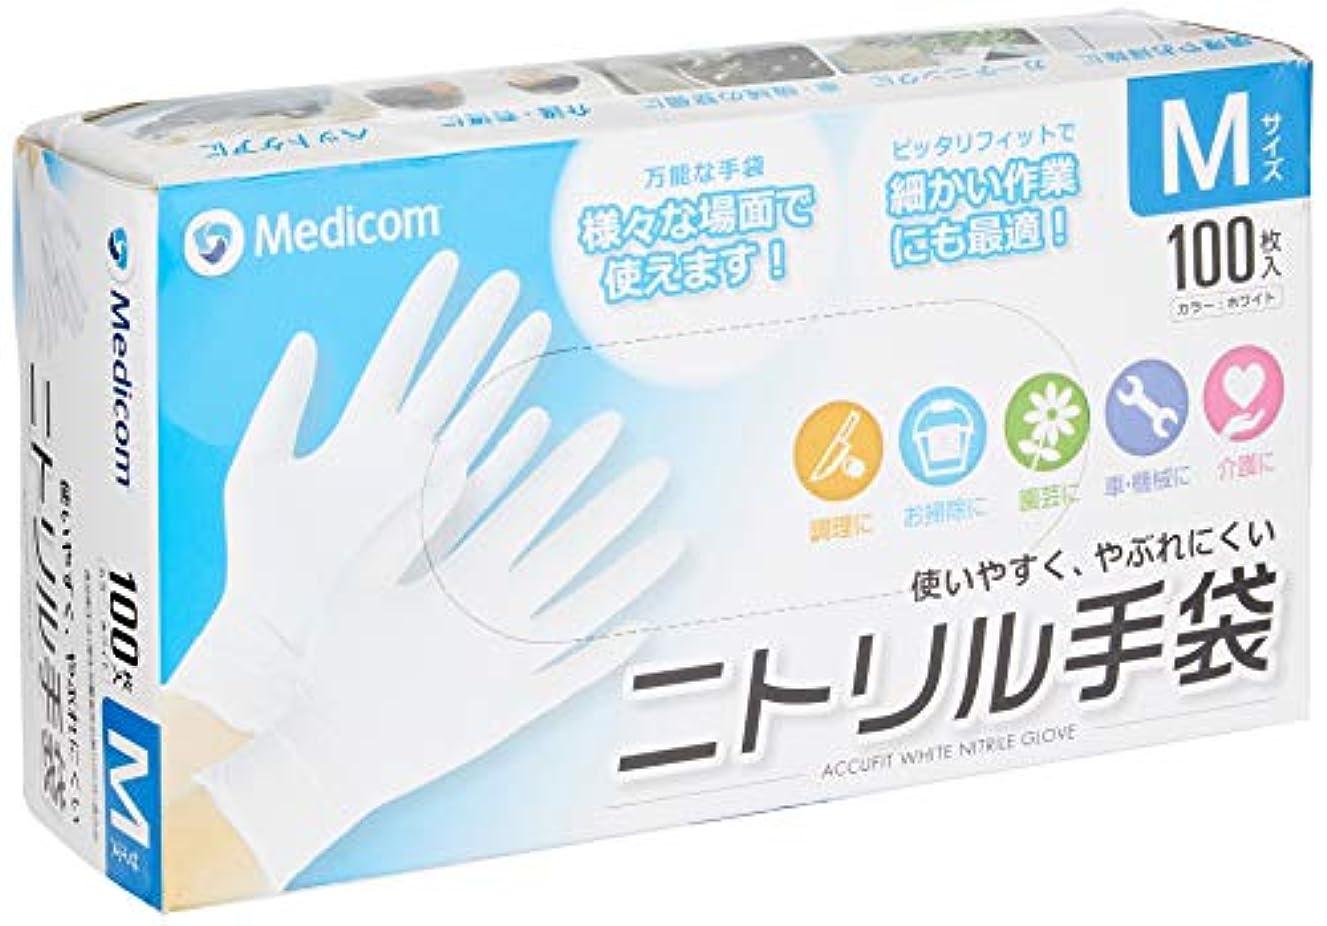 休眠対抗手つかずの【Amazon.co.jp 限定】アキュフィット ホワイト ニトリル手袋 Mサイズ ACFJN1284C